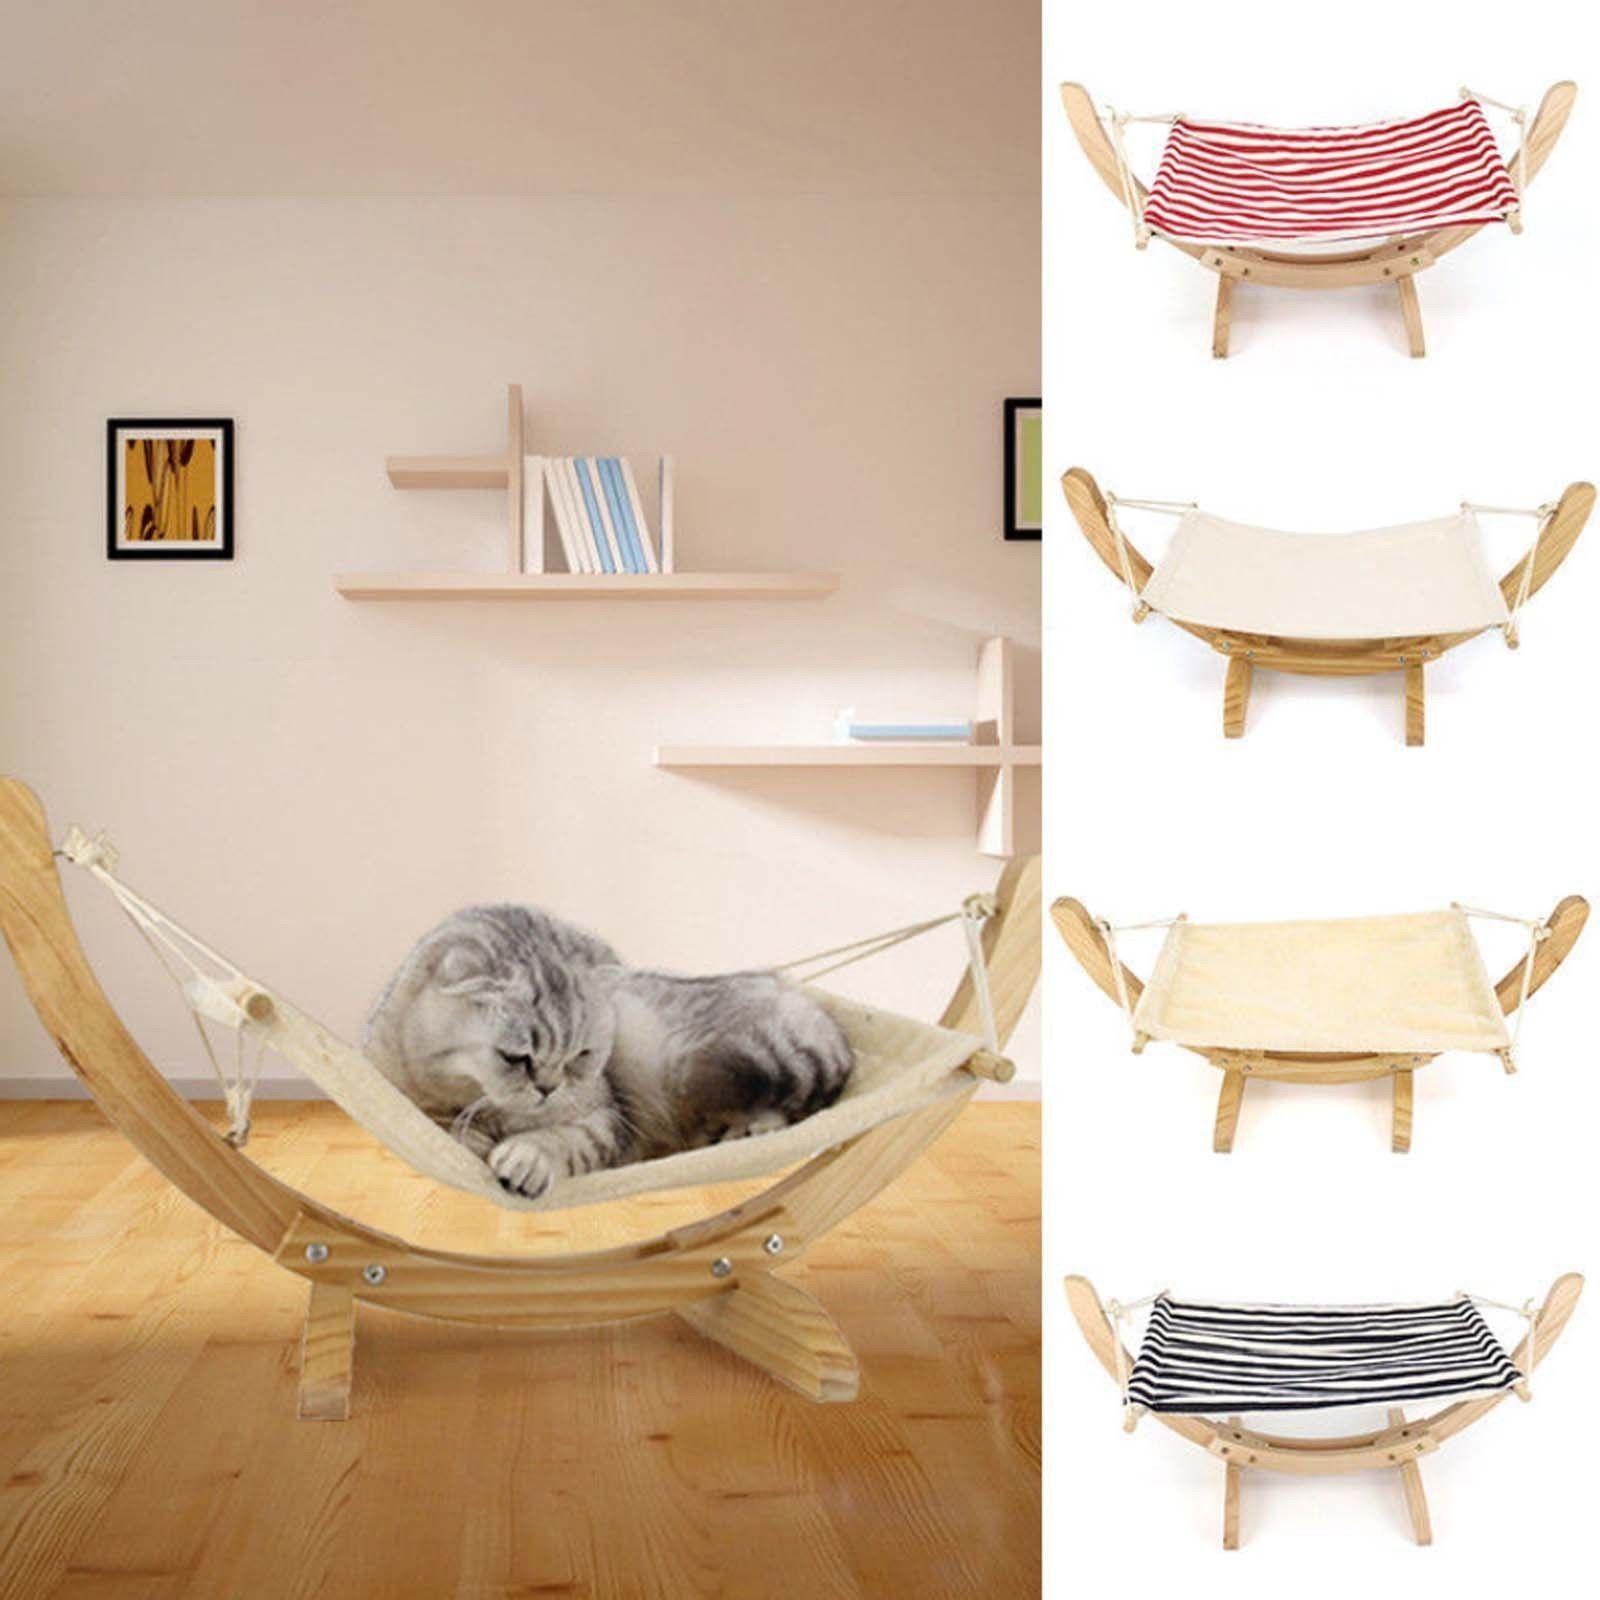 Wooden Deluxe Pet Cat Hammock Swing Bed Comfy Nest Dog